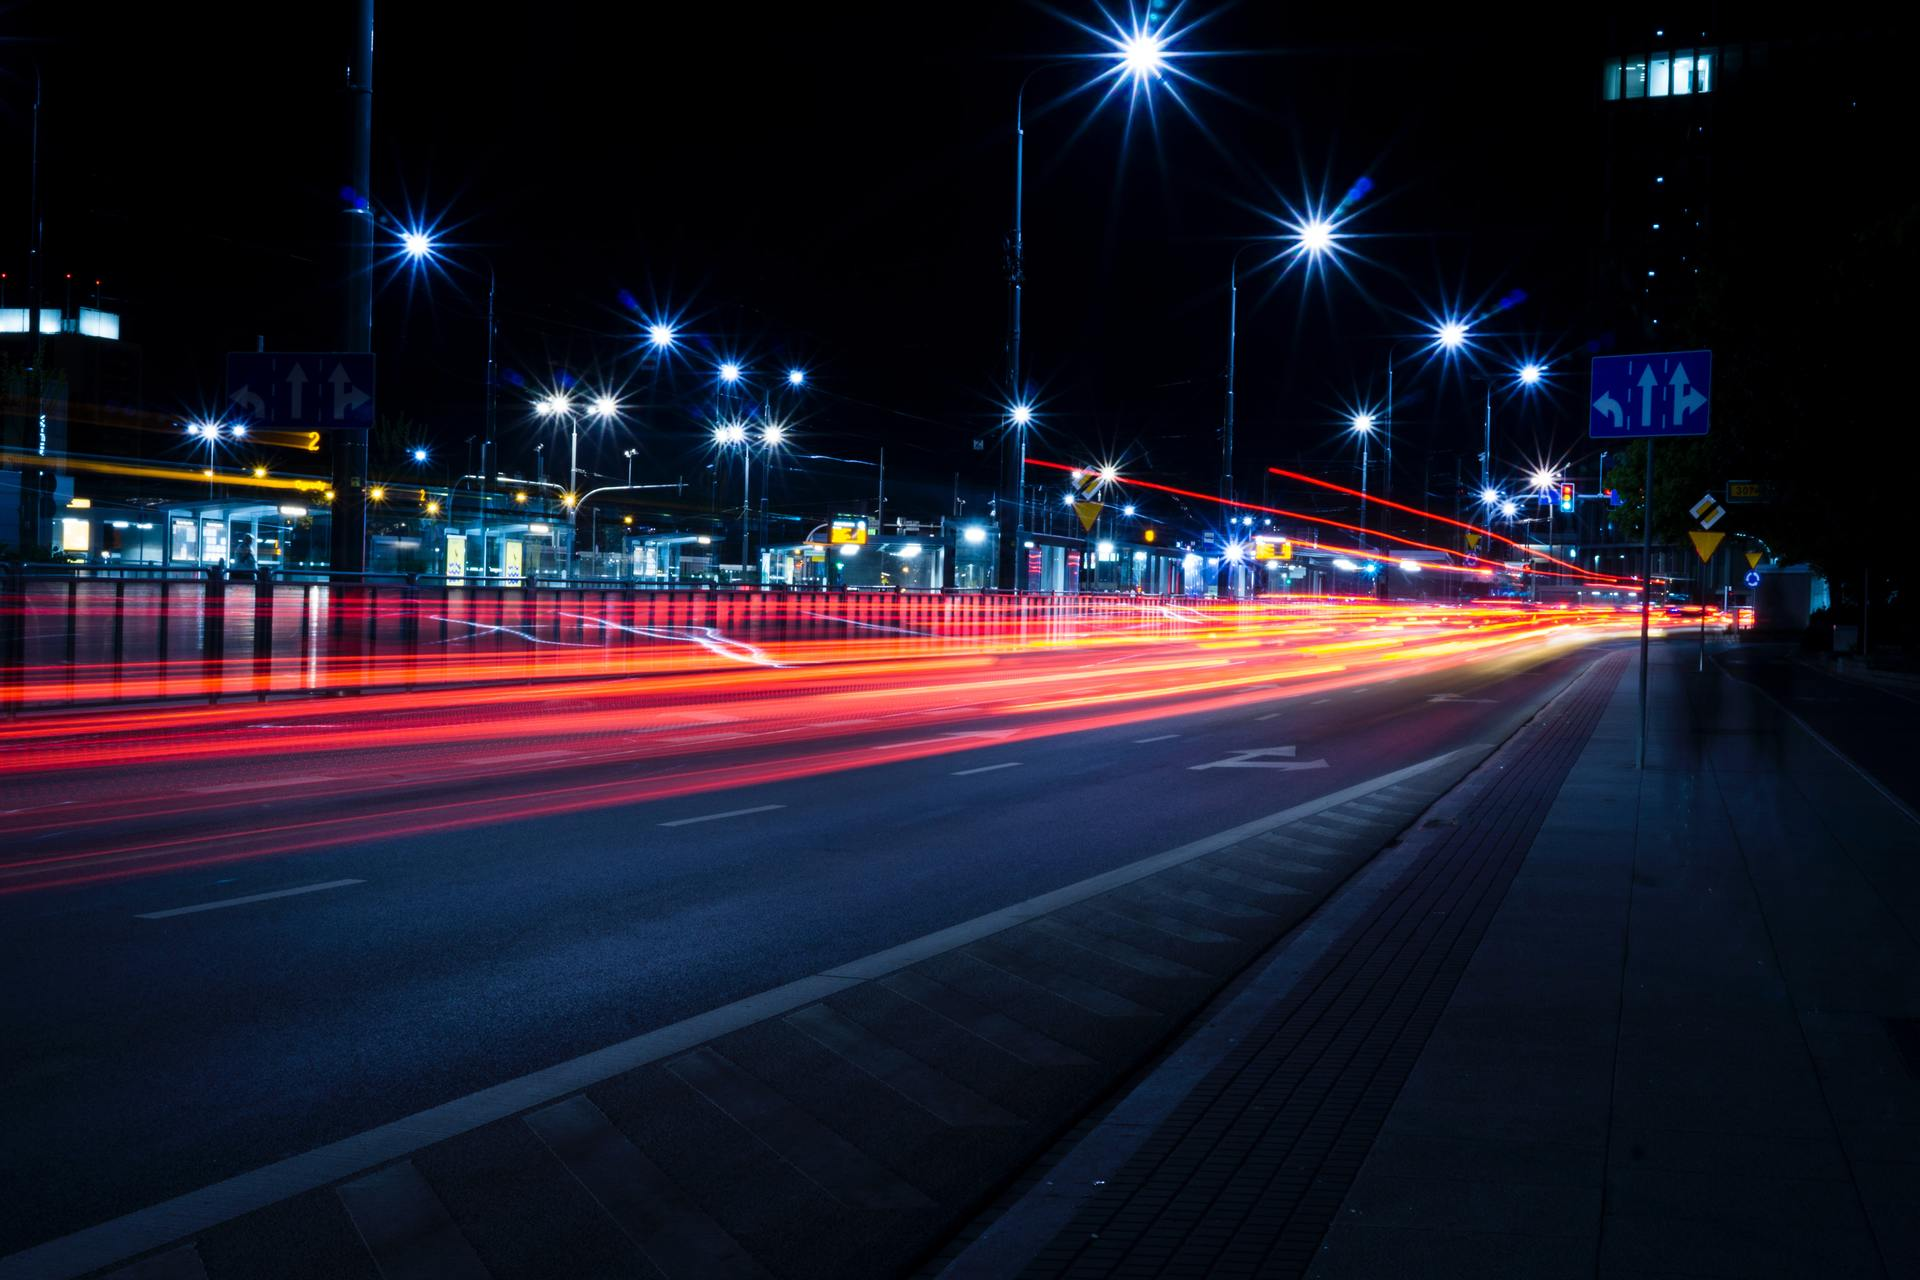 Ảnh thành phố lung linh với ánh đèn